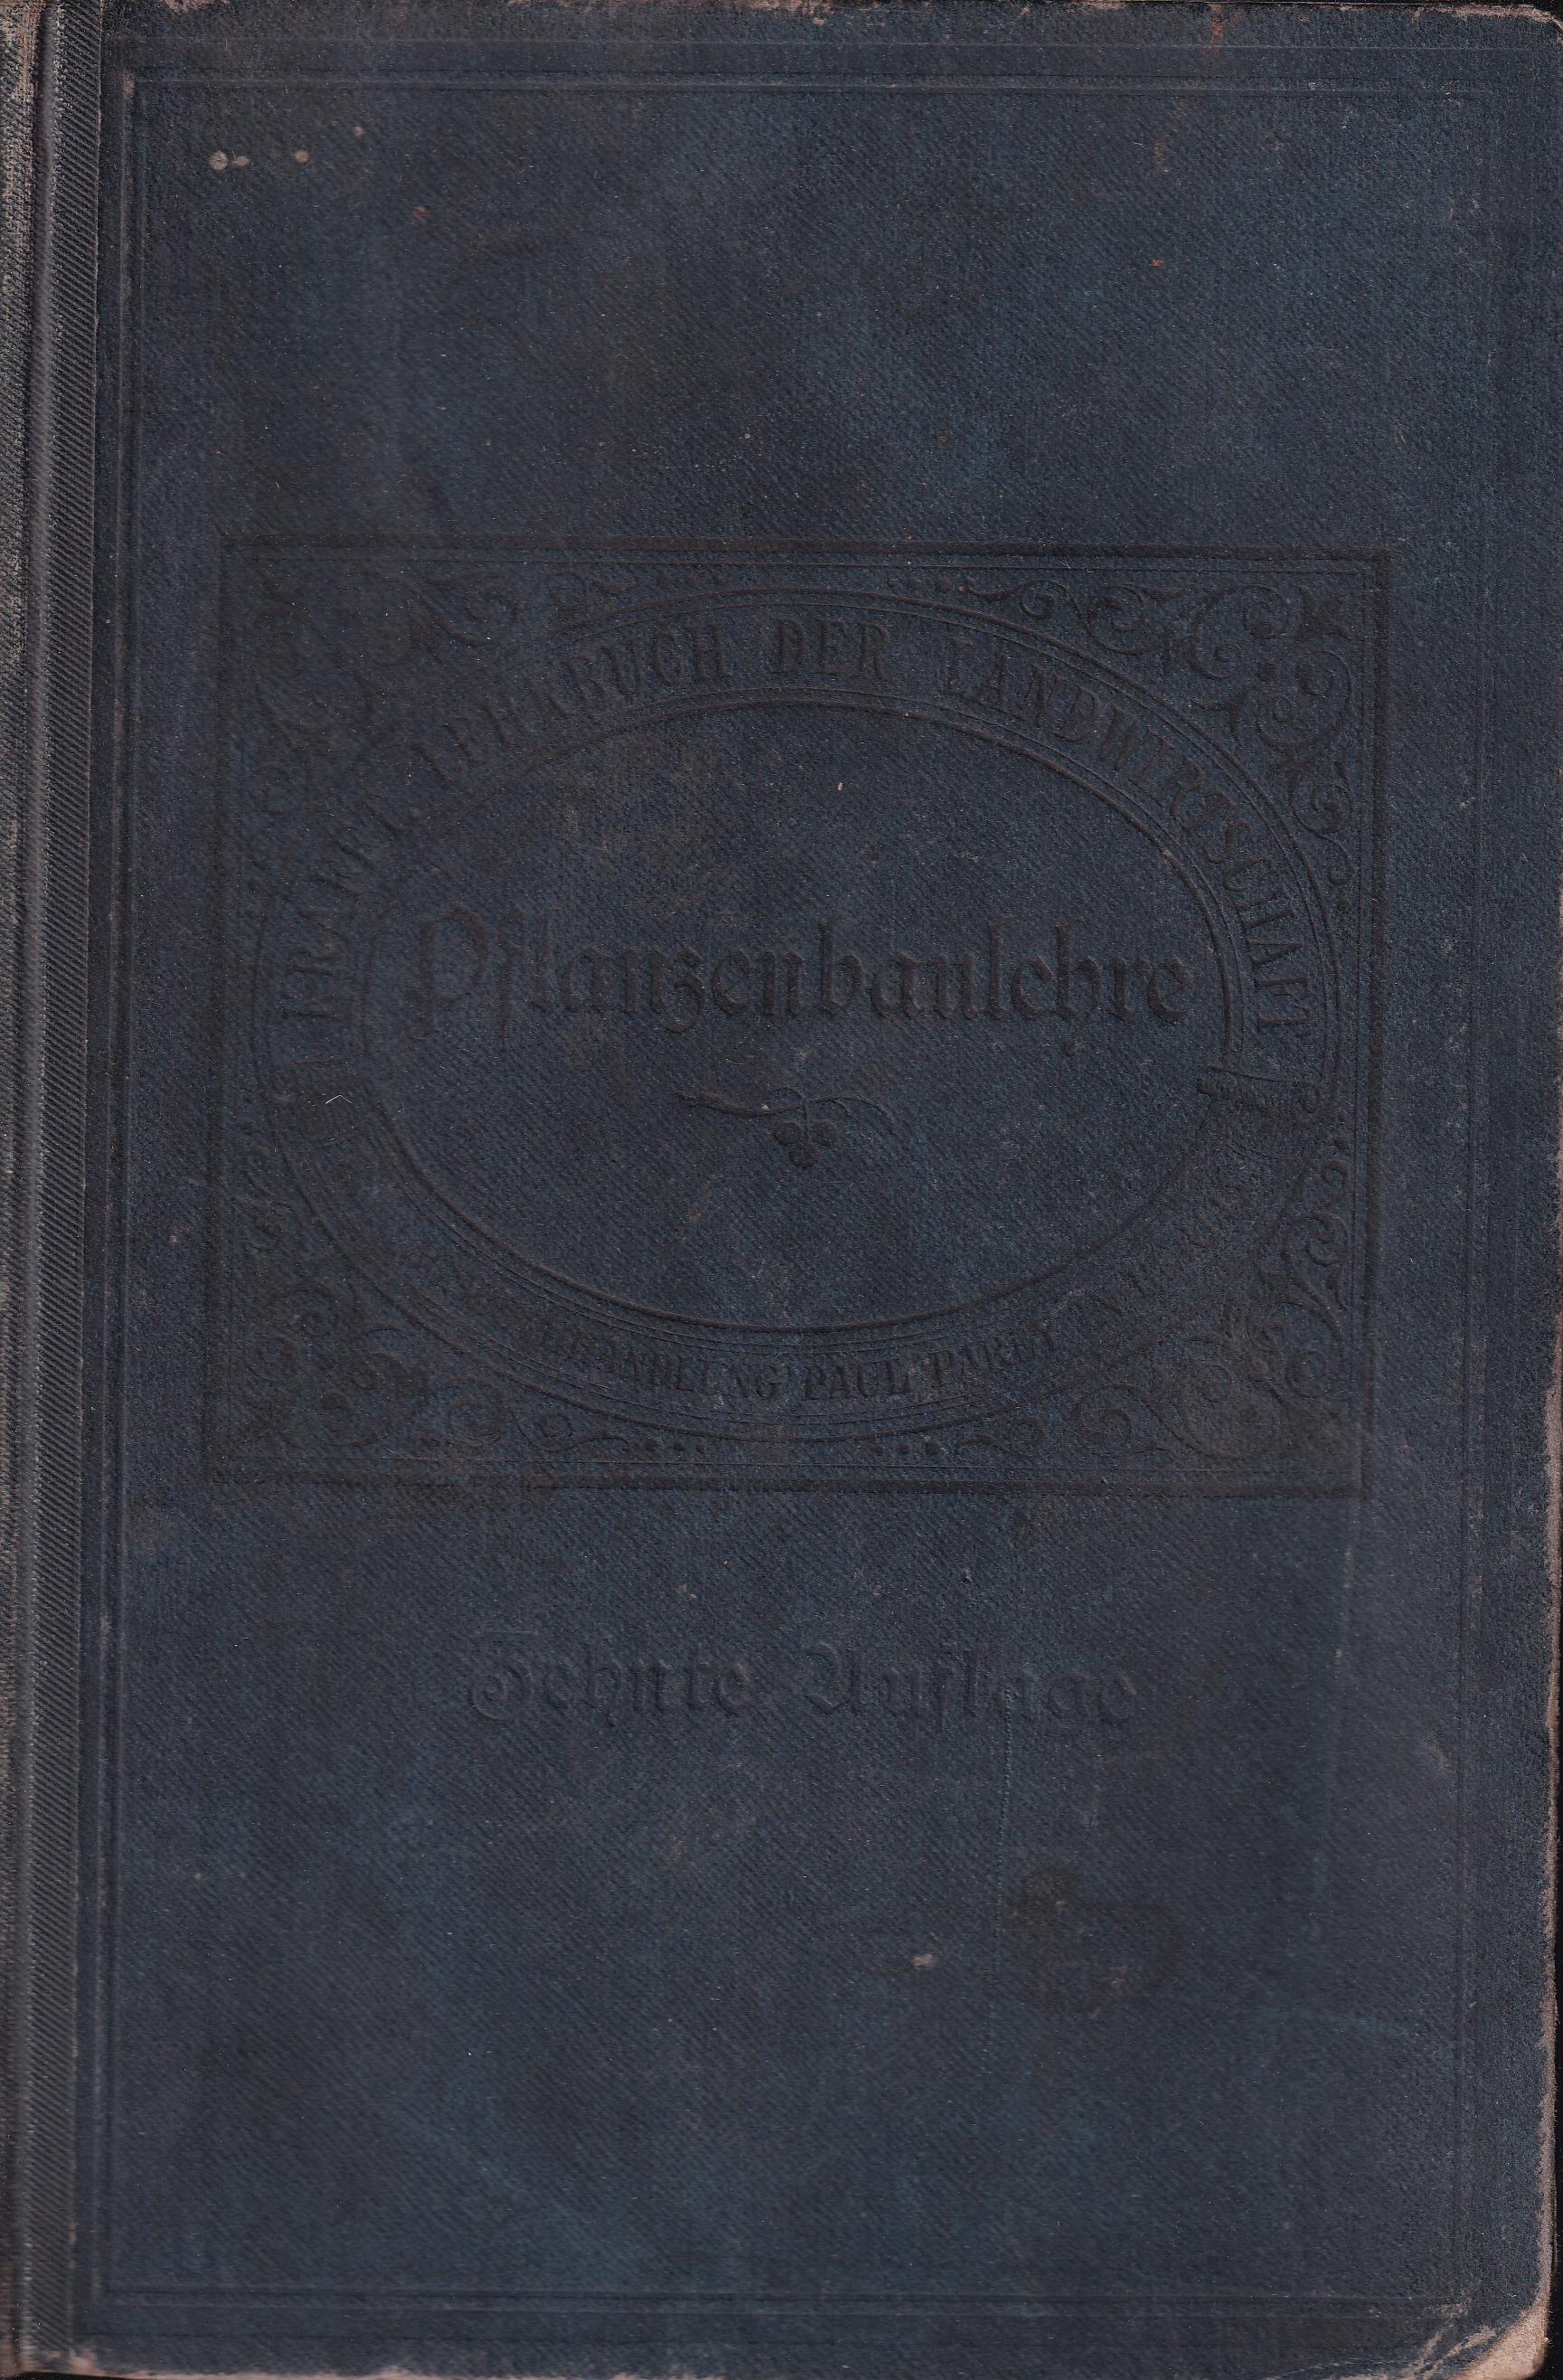 Lehrbuch der Landwirtschaft. Die Pflanzenbaulehre: Krafft,Guido